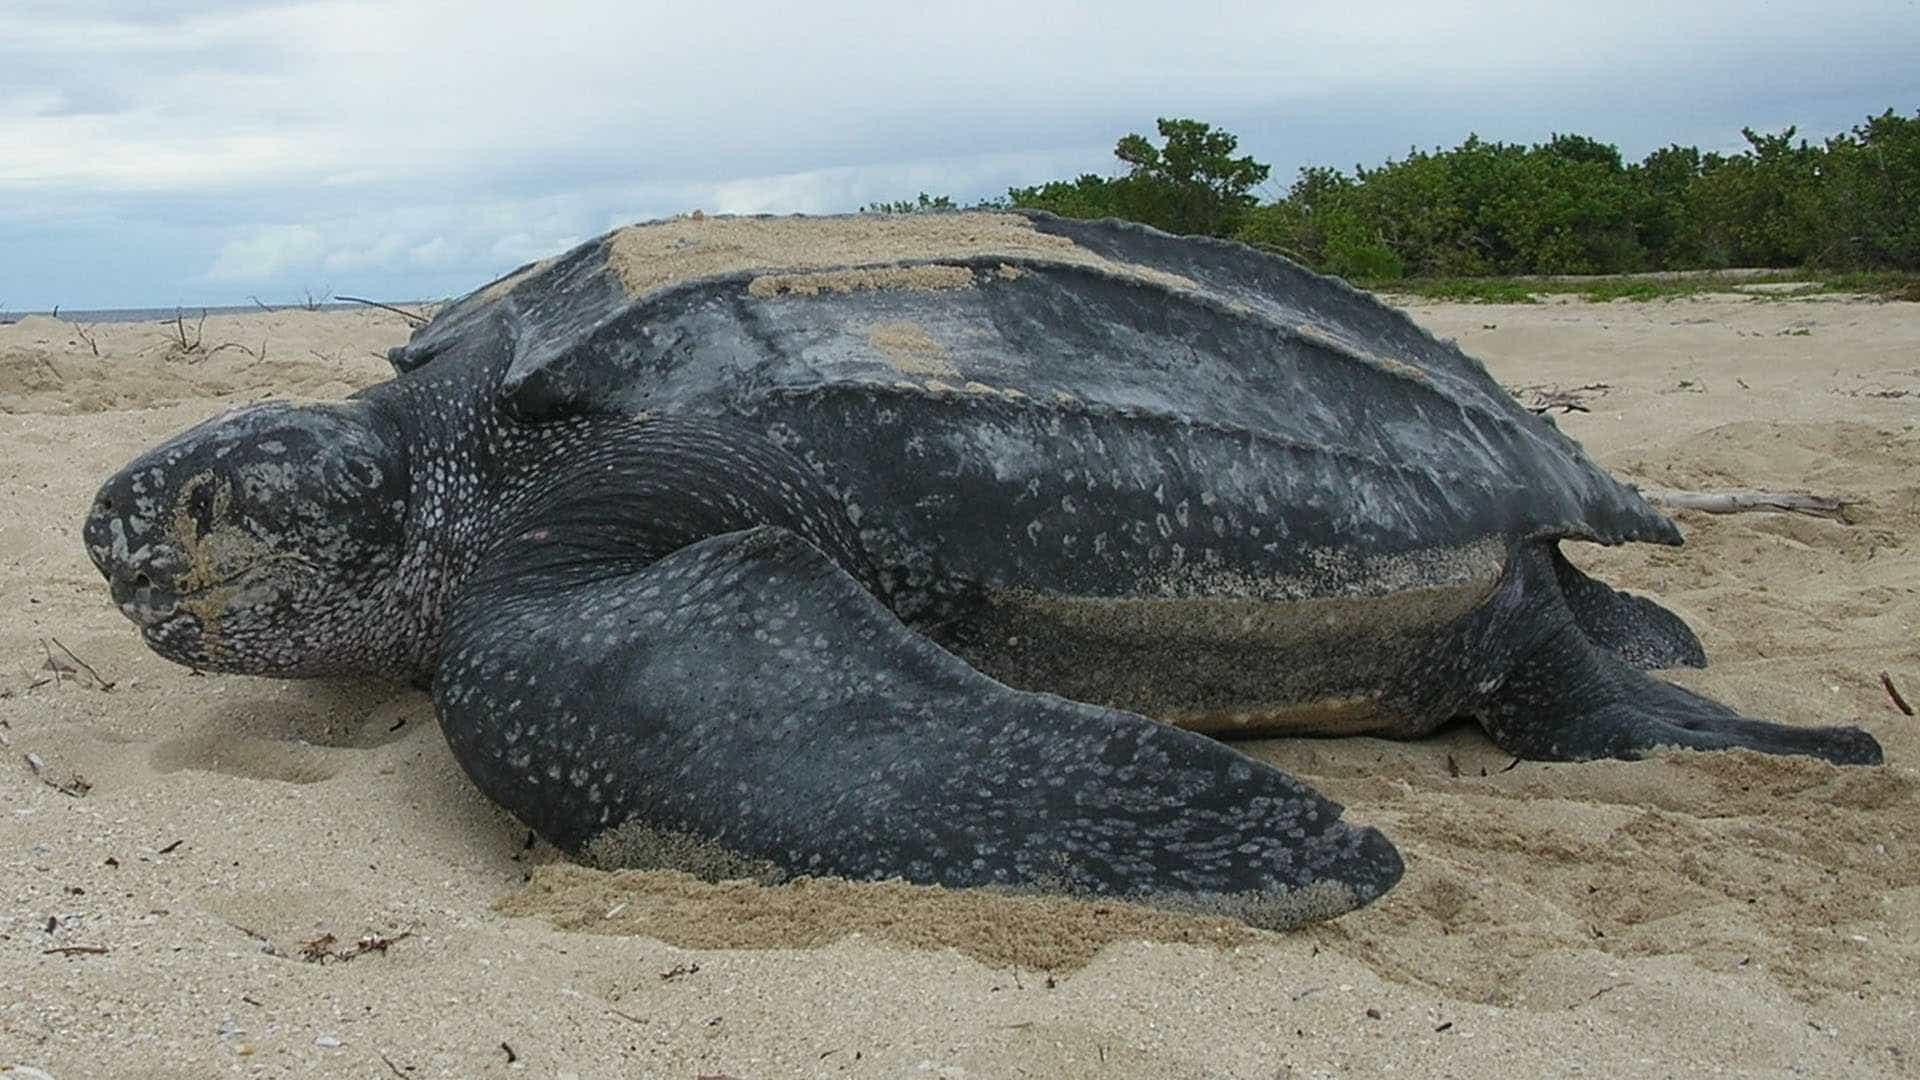 5ª tartaturga gigante é encontrada morta  em praia do Rio